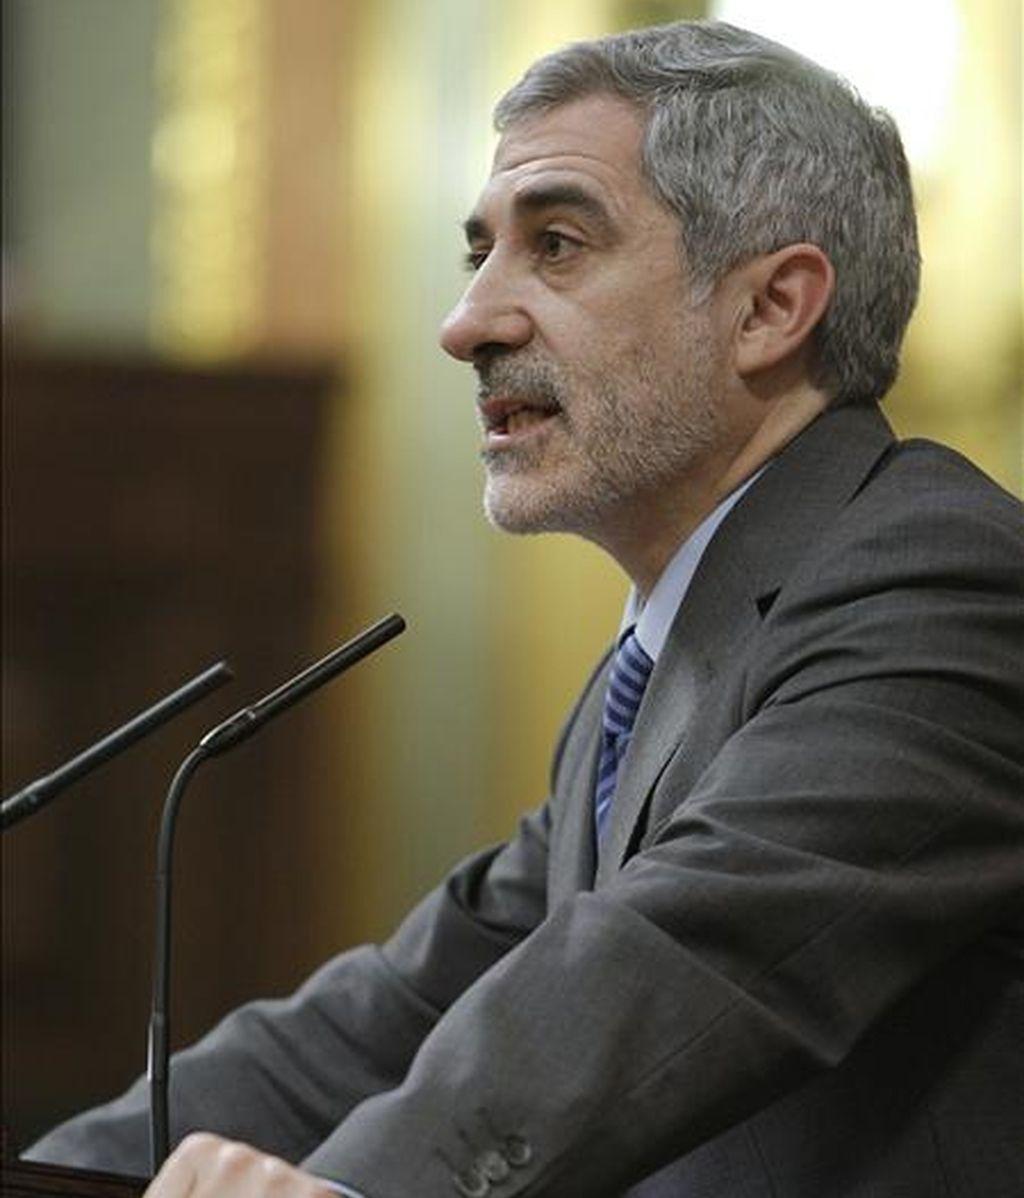 El ex dirigente de IU Gaspar Llamazares. EFE/Archivo